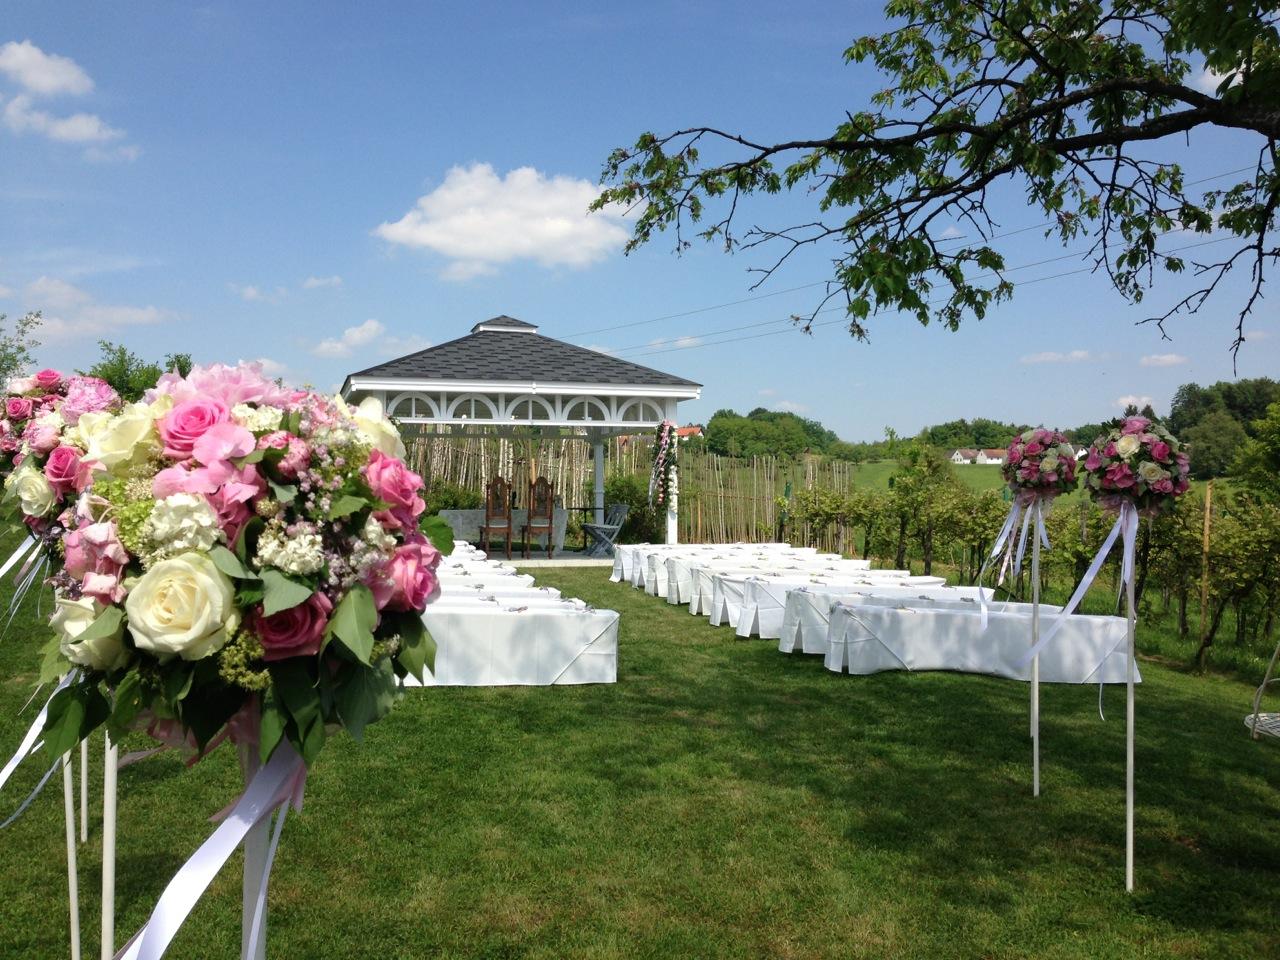 Zeremonie im Freien: Bei gutem Wetter findet die Trauung draußen auf dem 30.000 Quadratmeter großen Grundstück statt.